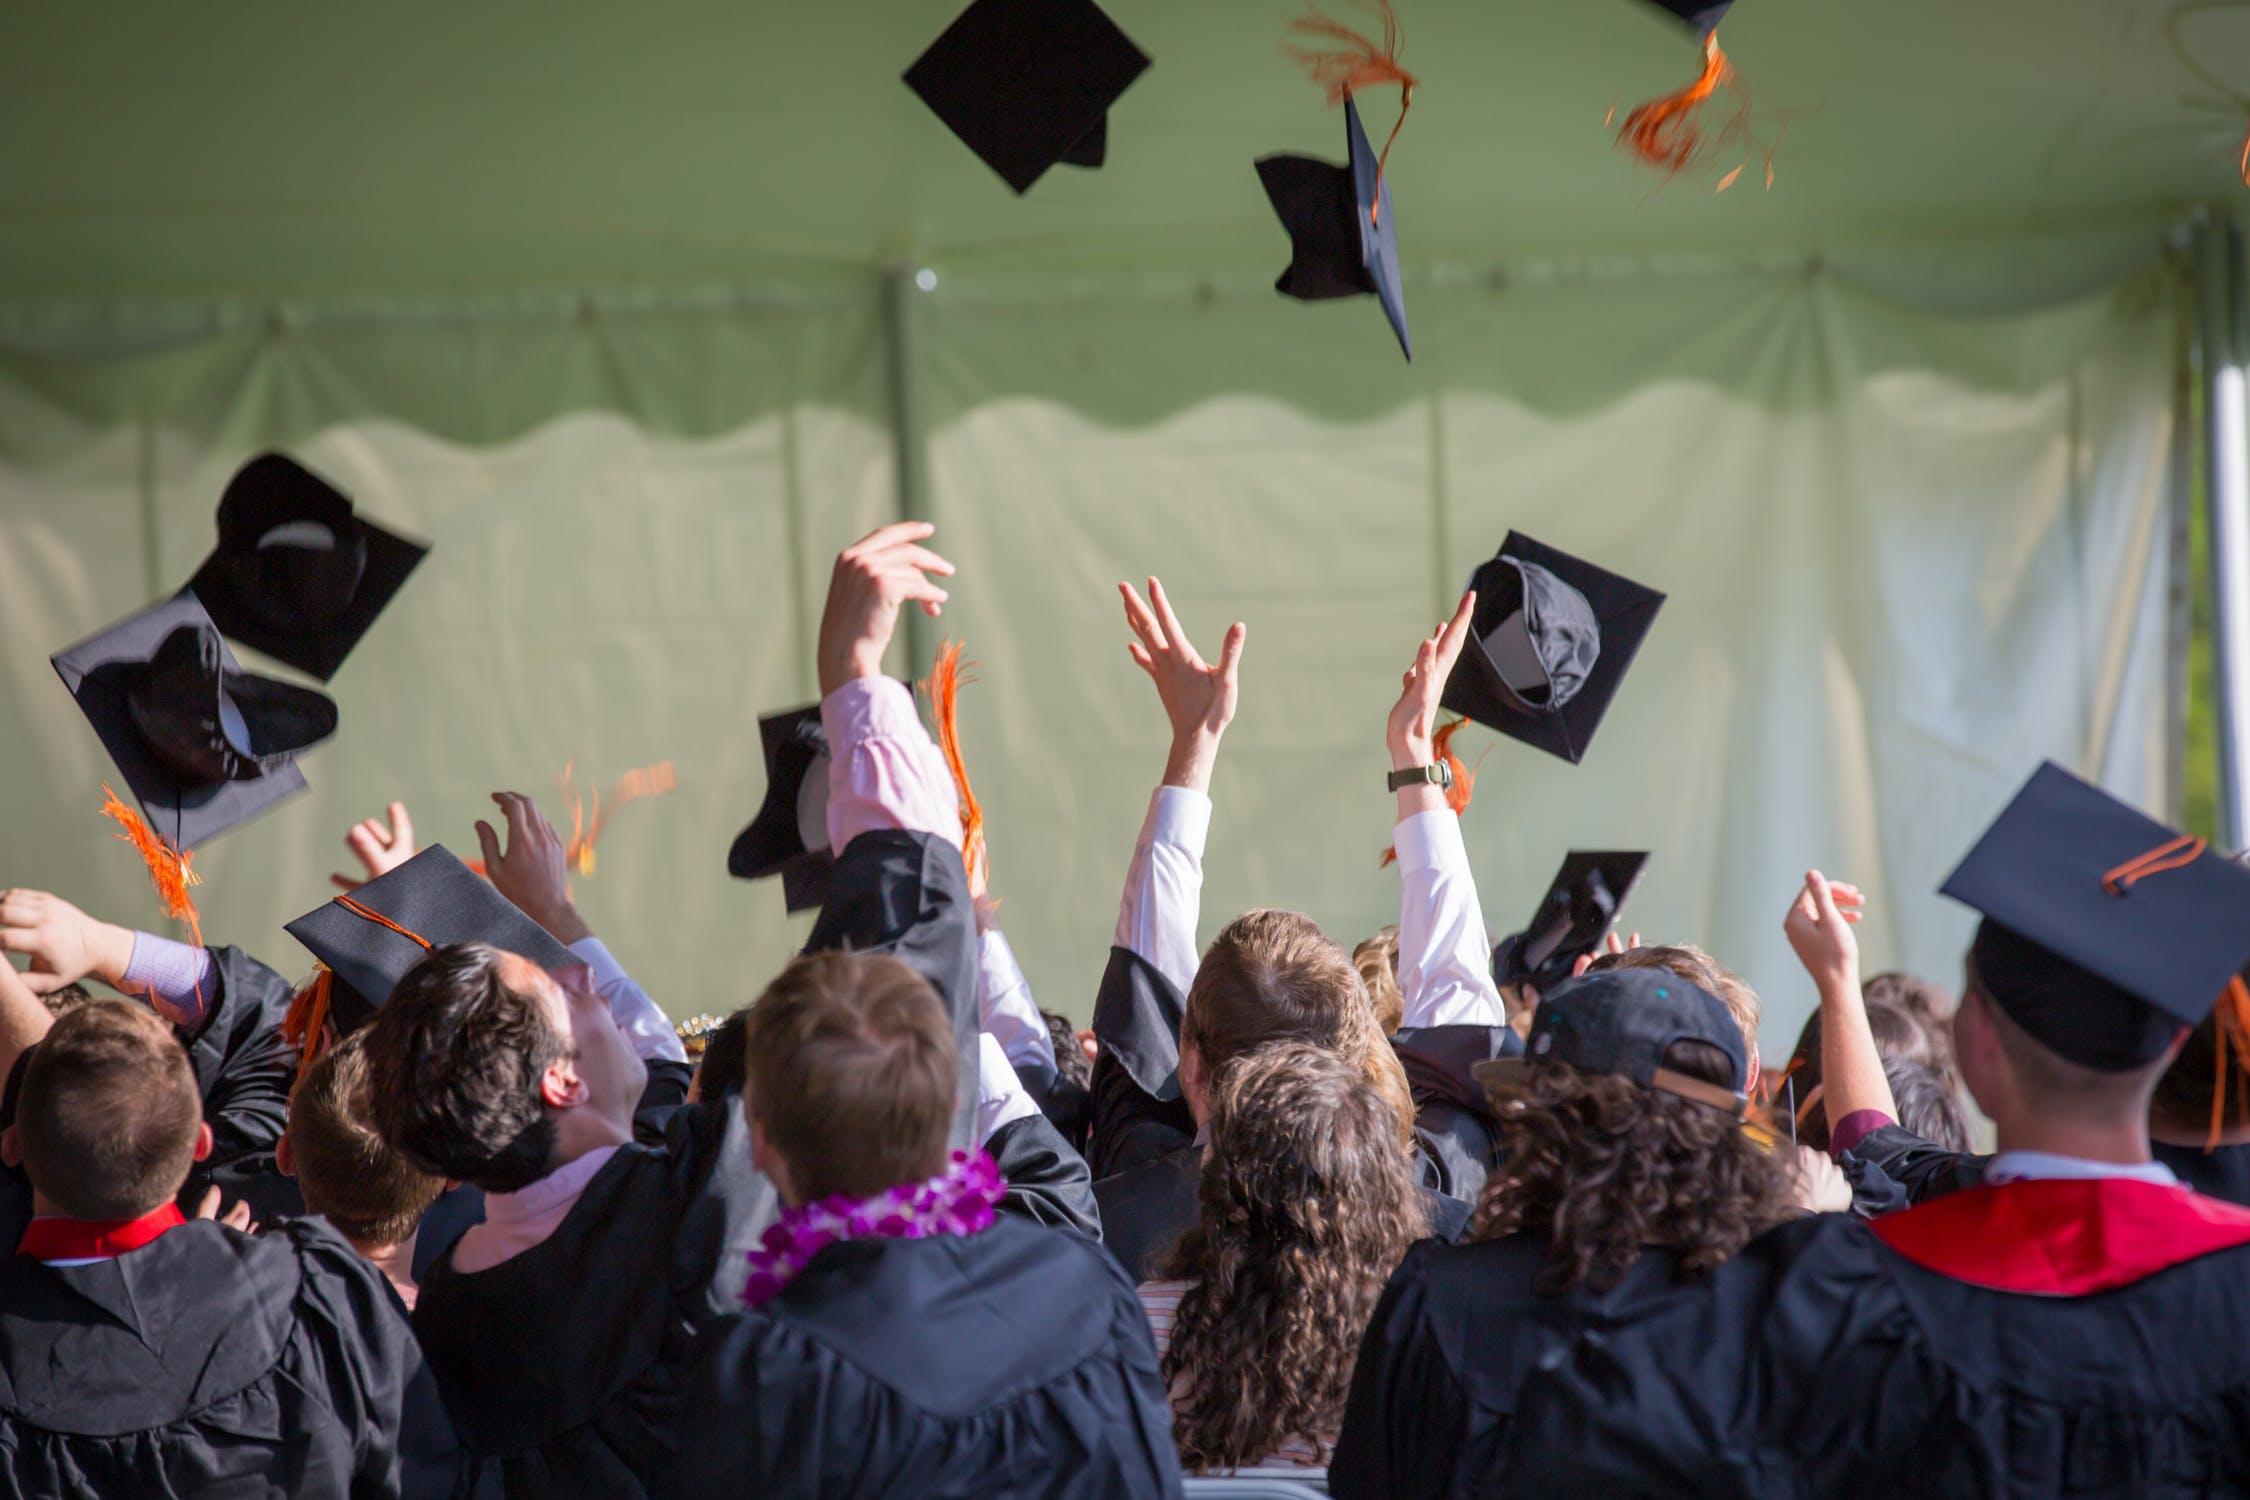 סיום לימודים באקדמיה